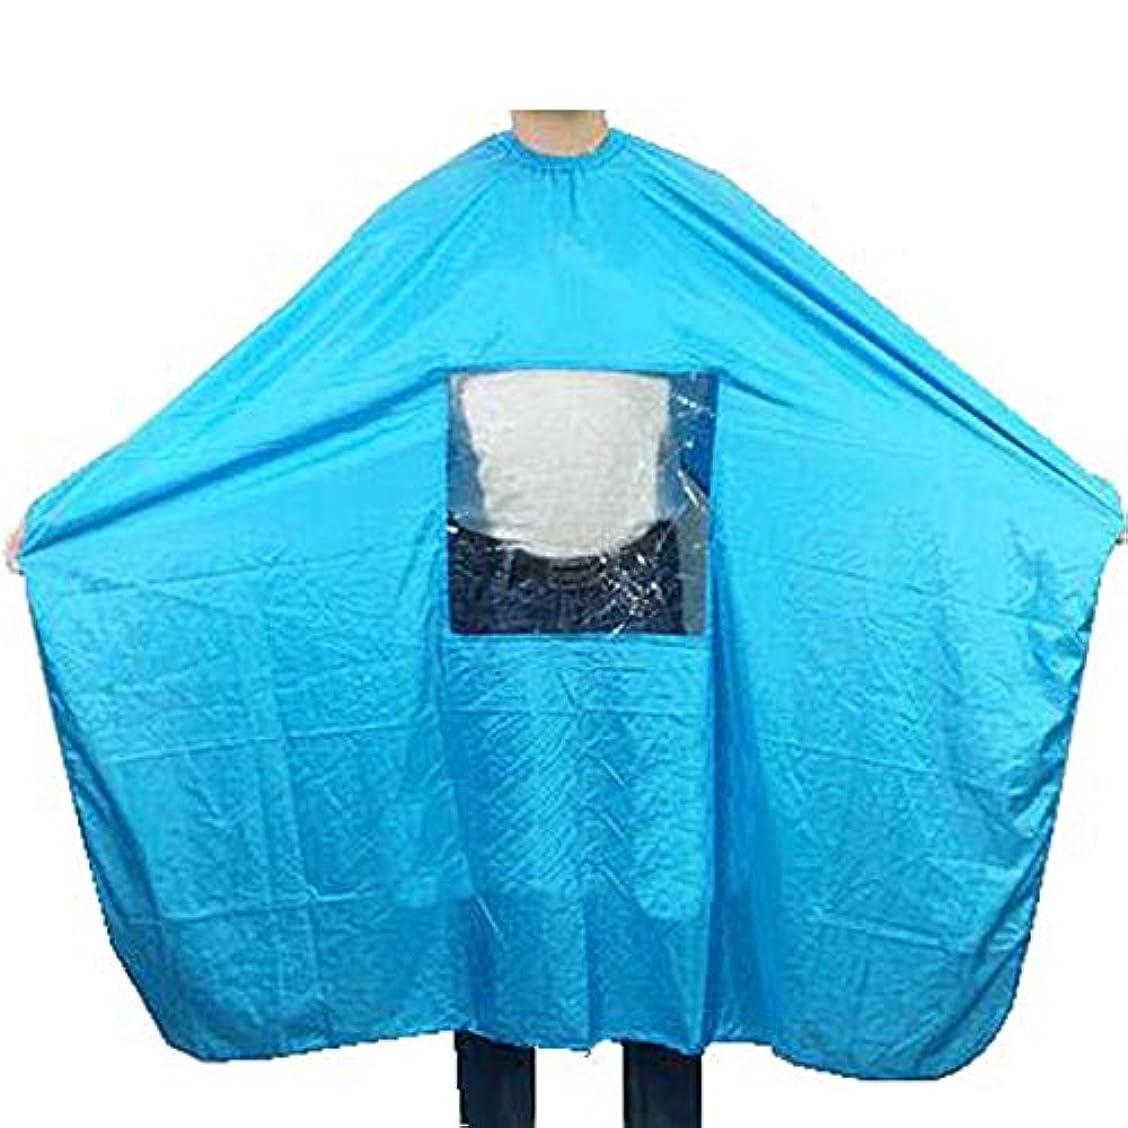 フォーカス淡い移動美容院用防水マッサージローブ、女性用着物ローブ